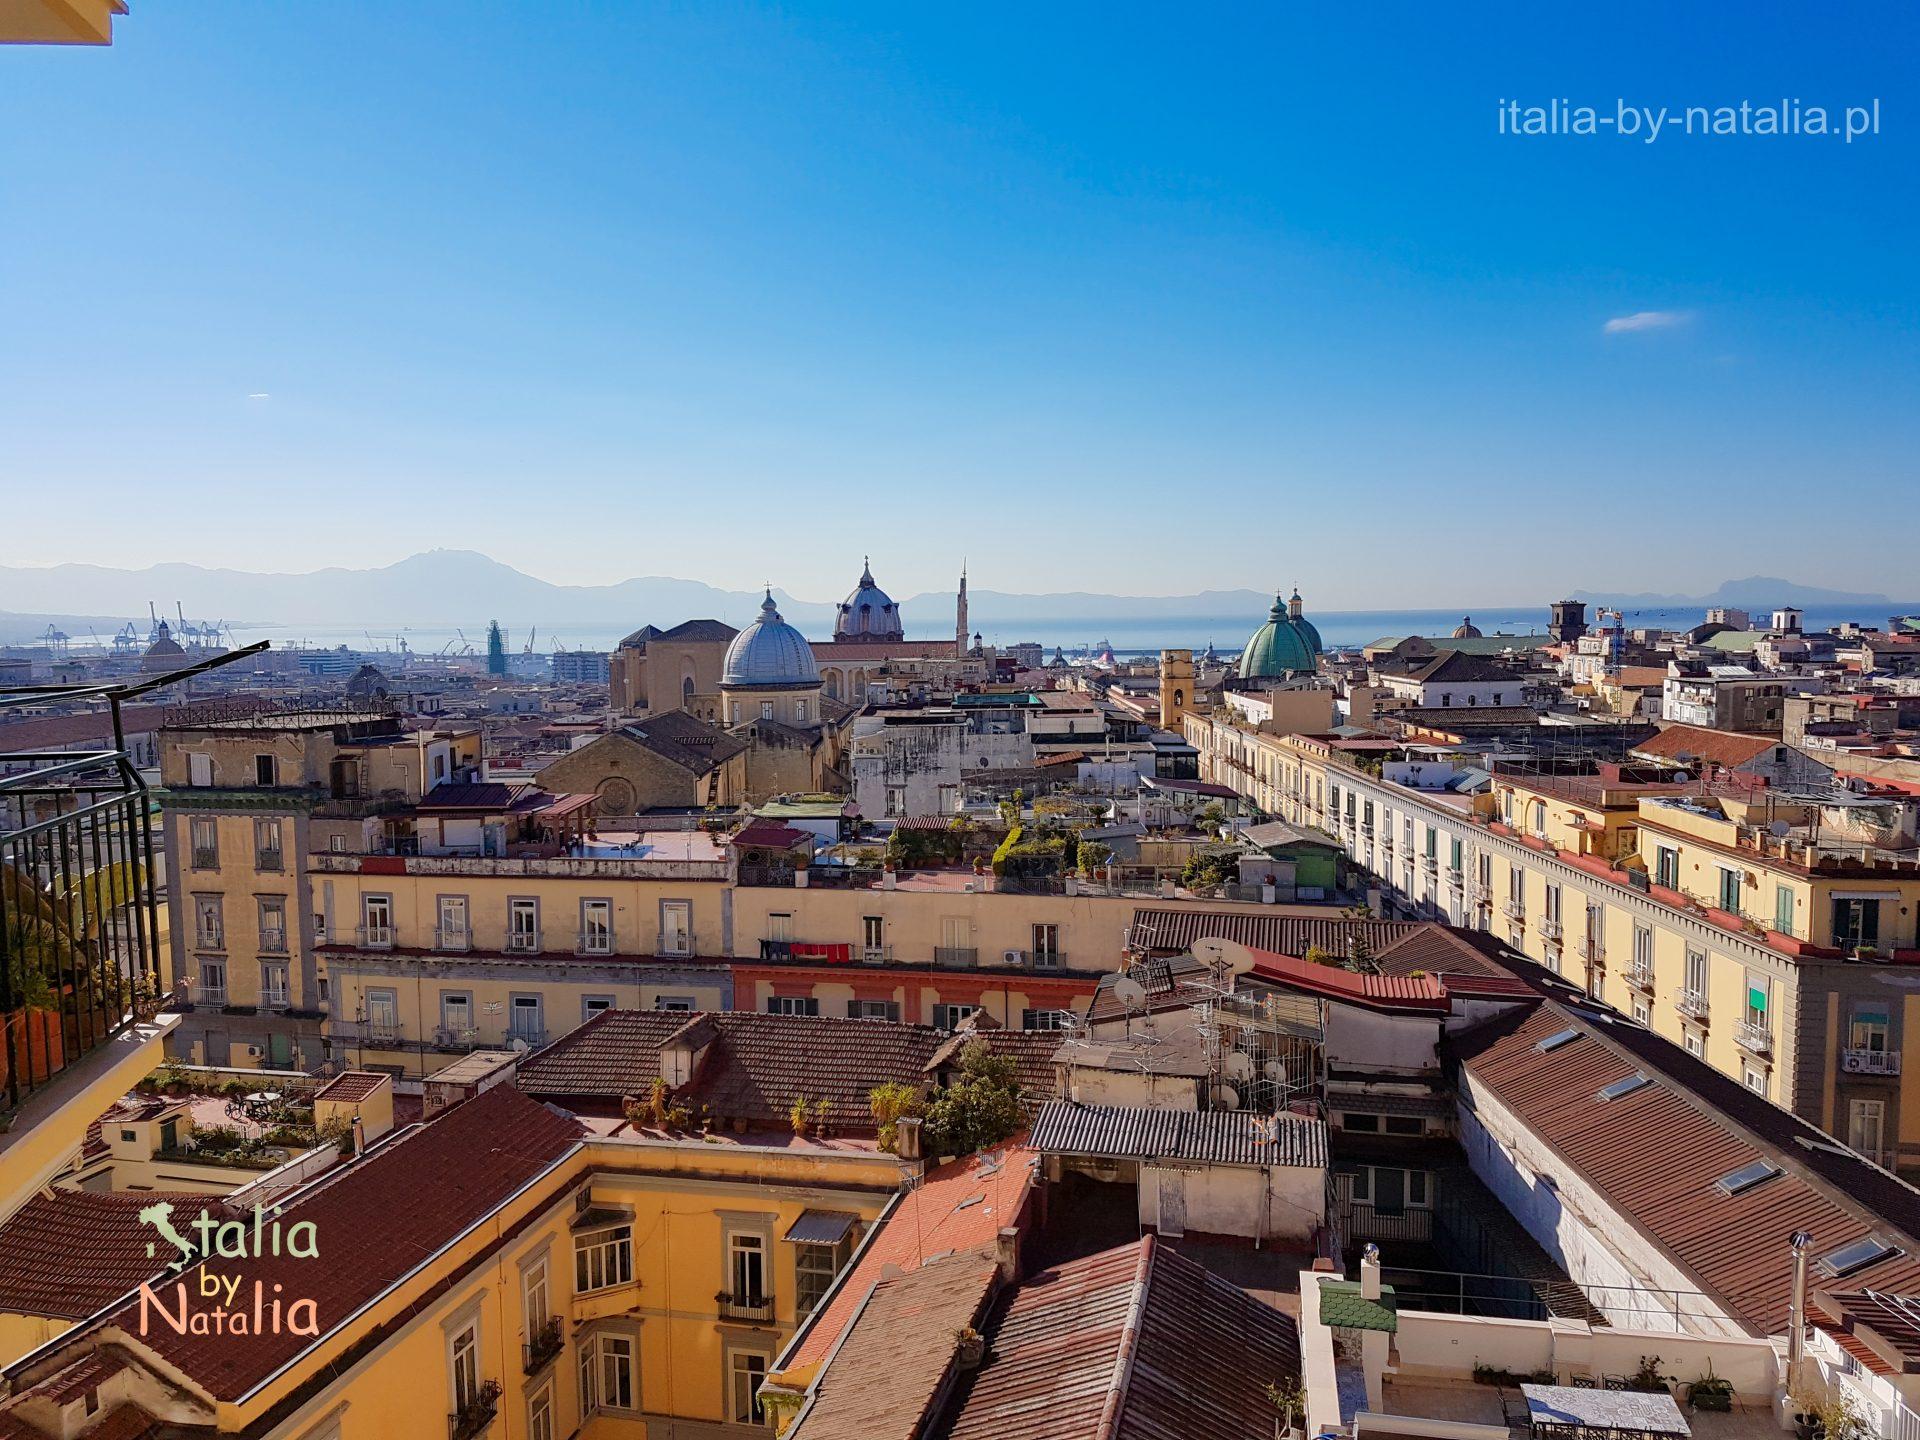 neapol-widok-centro-storico-npalew-view-old-town-capri